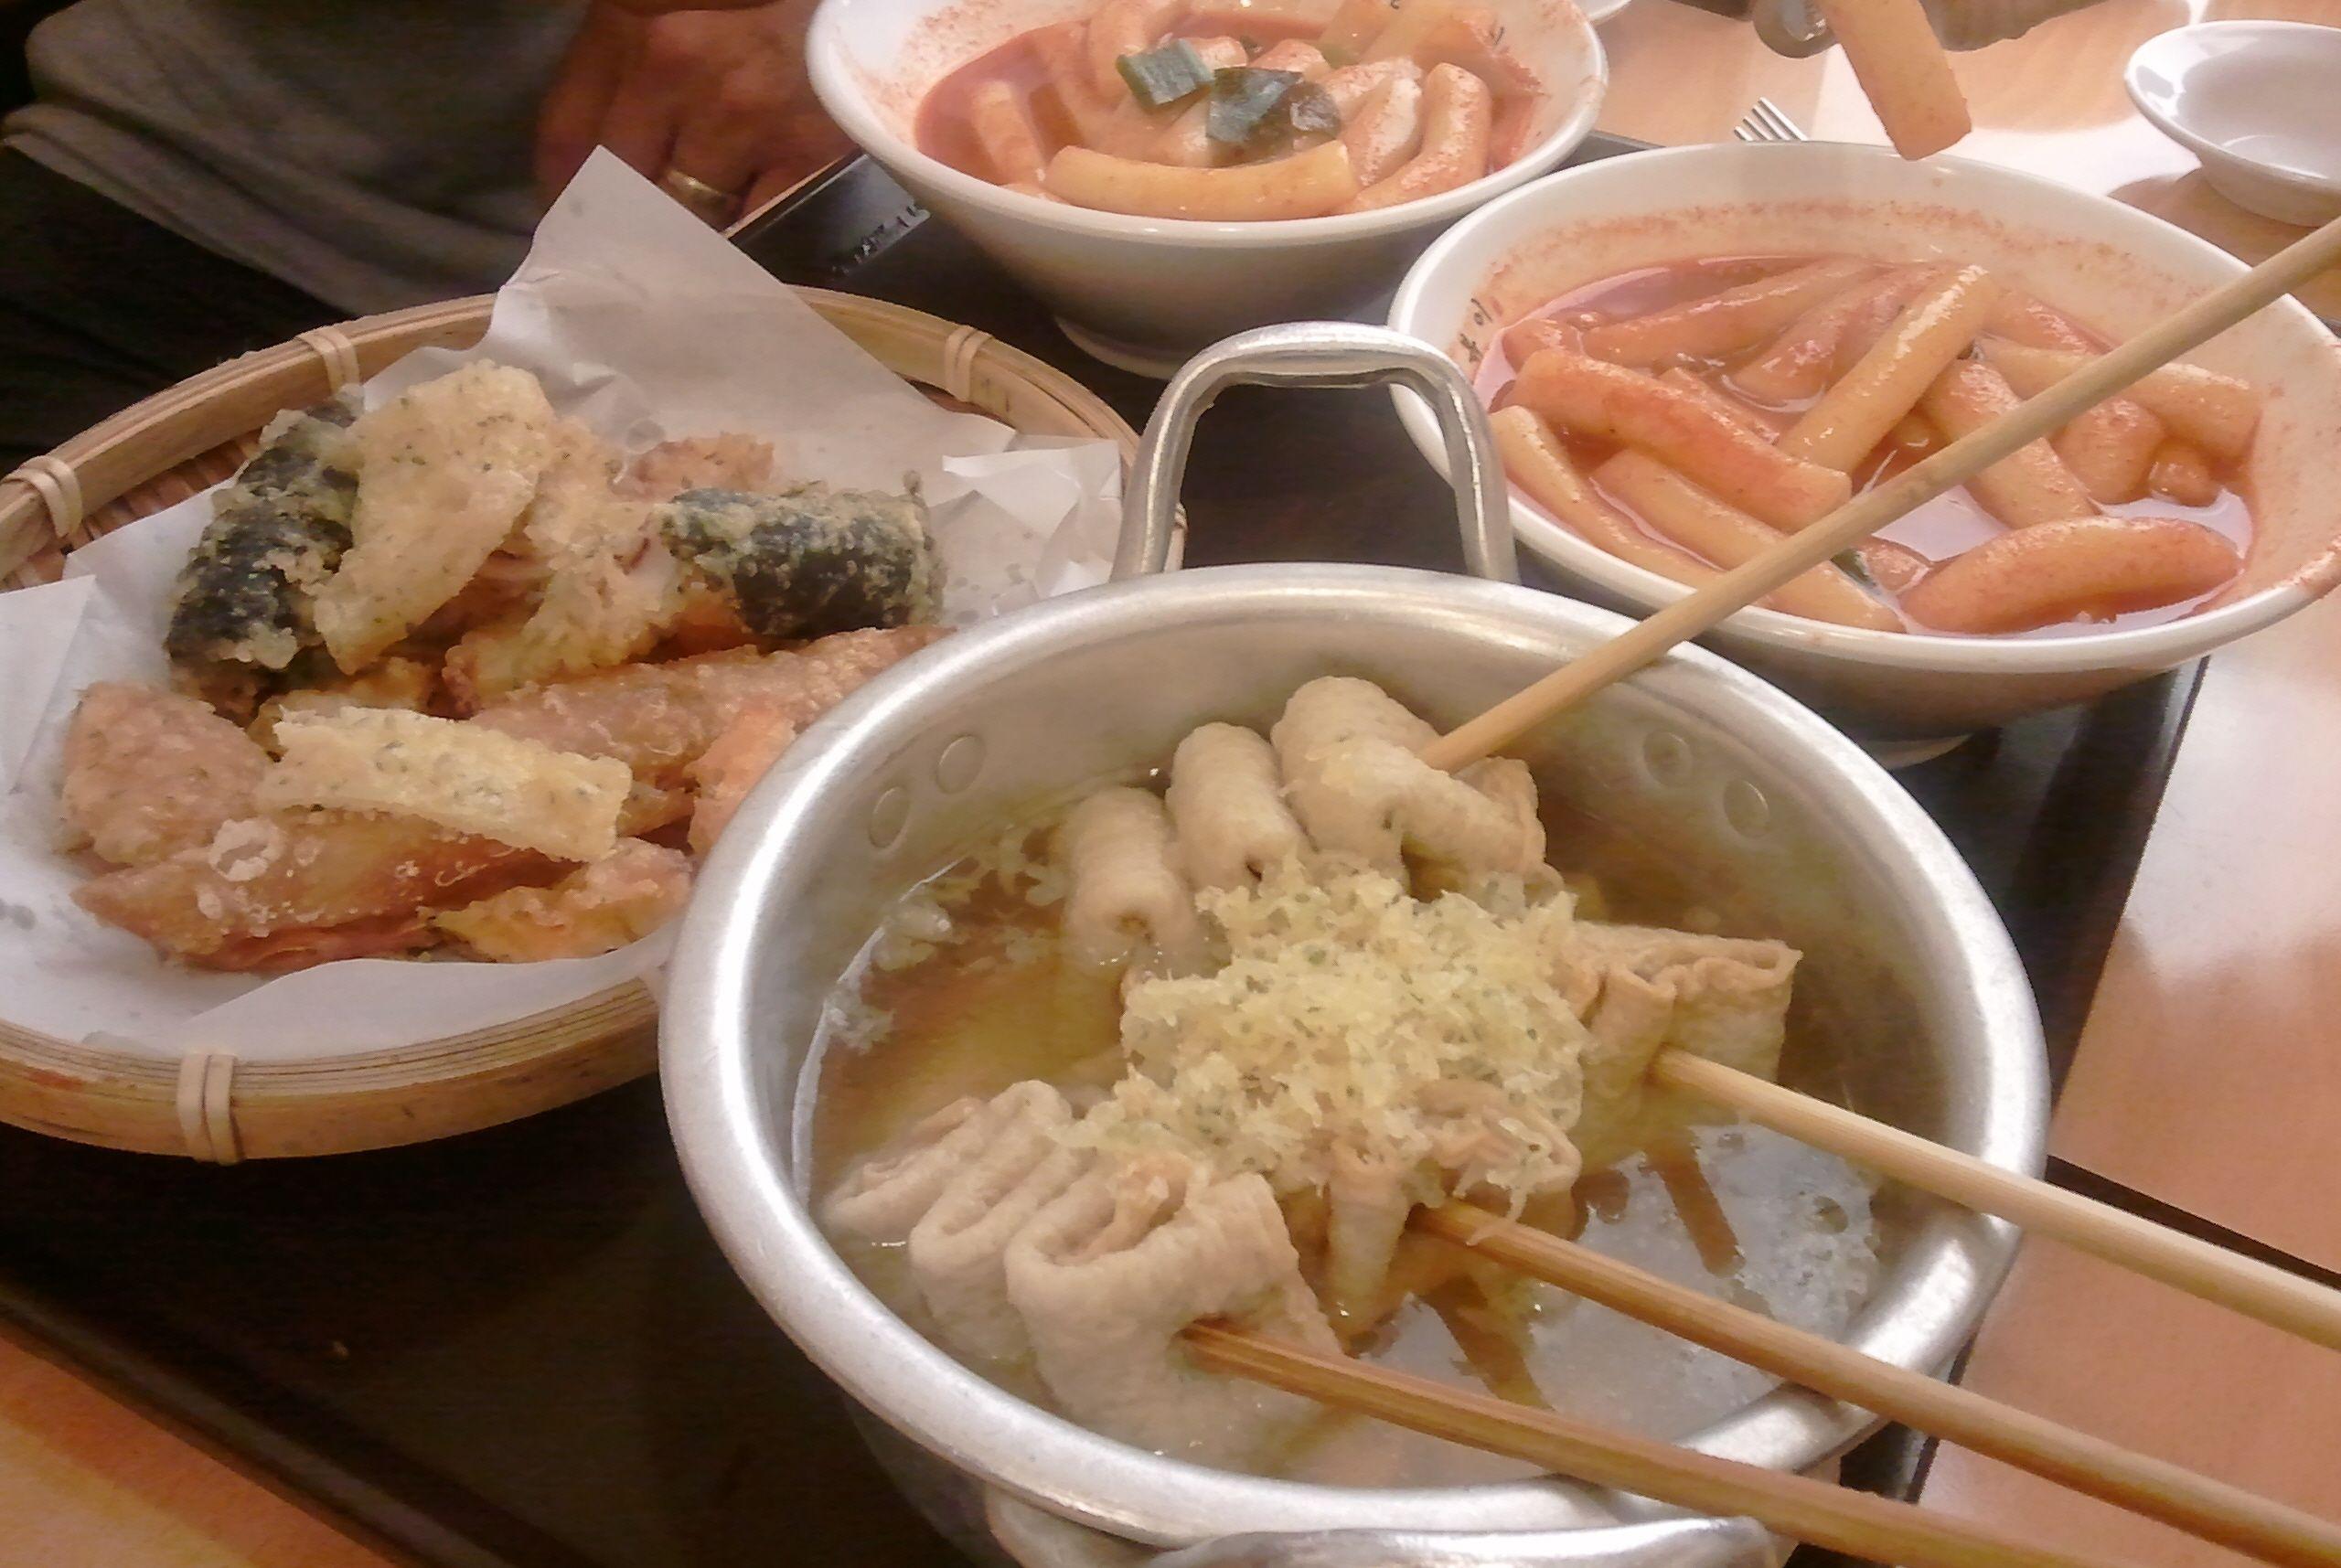 떡볶이, 오뎅, 튀김!!!  Tteokbokk, Oden, fries, sundae are korean foods of general public.    http://en.wikipedia.org/wiki/Tteokbokki  http://en.wikipedia.org/wiki/Oden  http://en.wikipedia.org/wiki/Sundae_(Korean_food)  http://en.wikipedia.org/wiki/Deep_frying